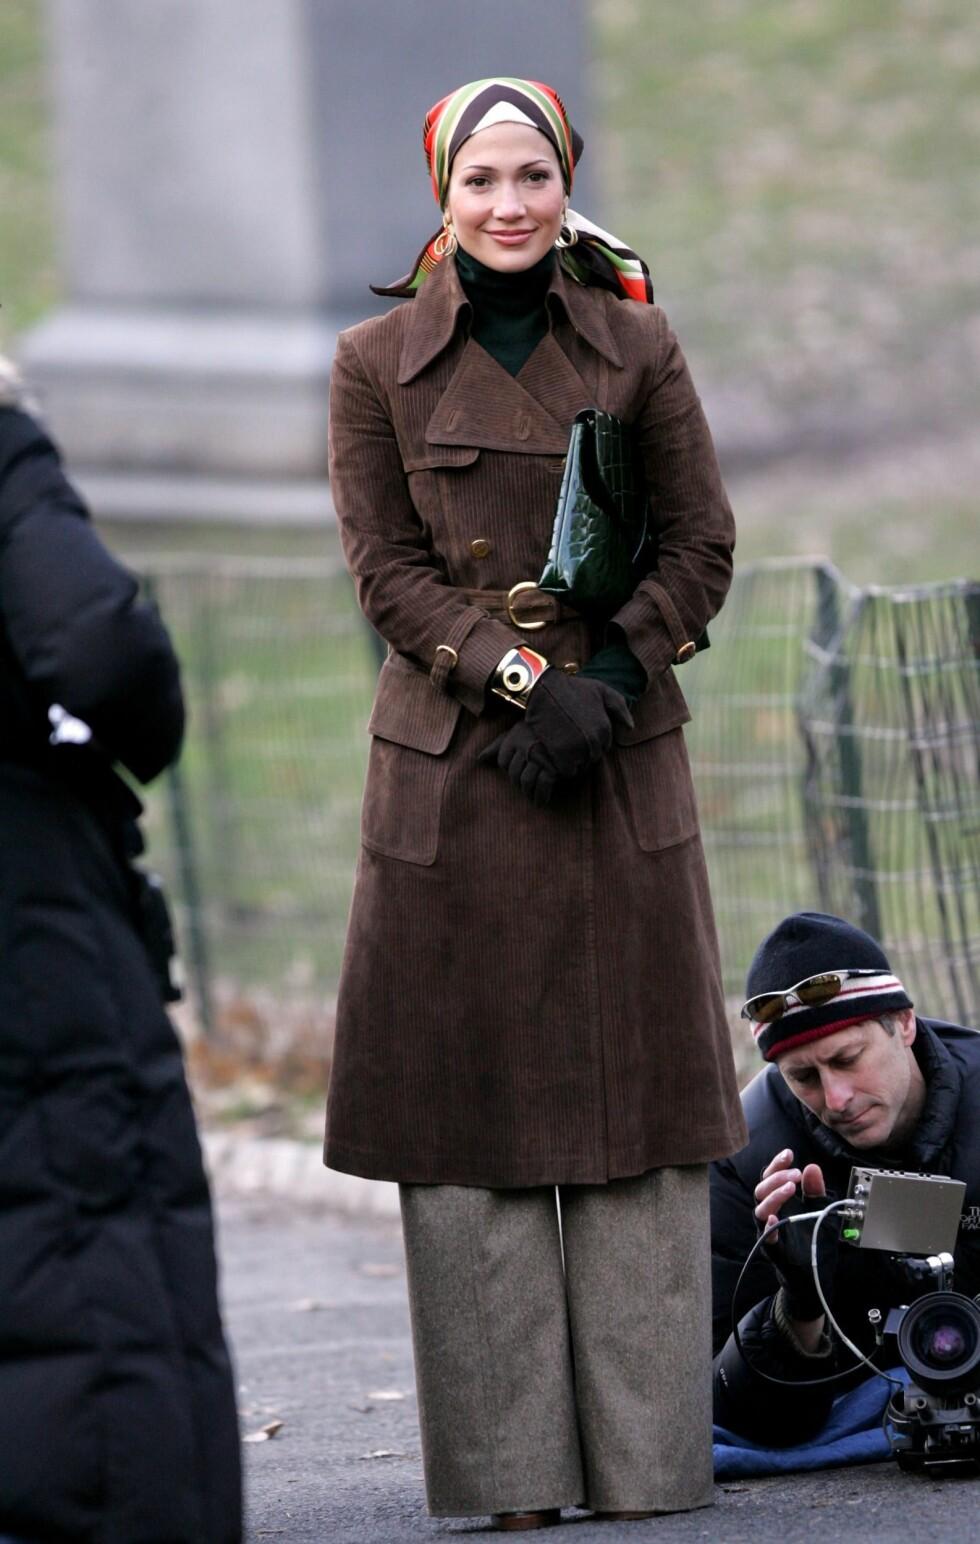 Popsanger og skuespiller Jennifer Lopez  i en trench-variant av semsket lær. Alt er lov, som man sier..